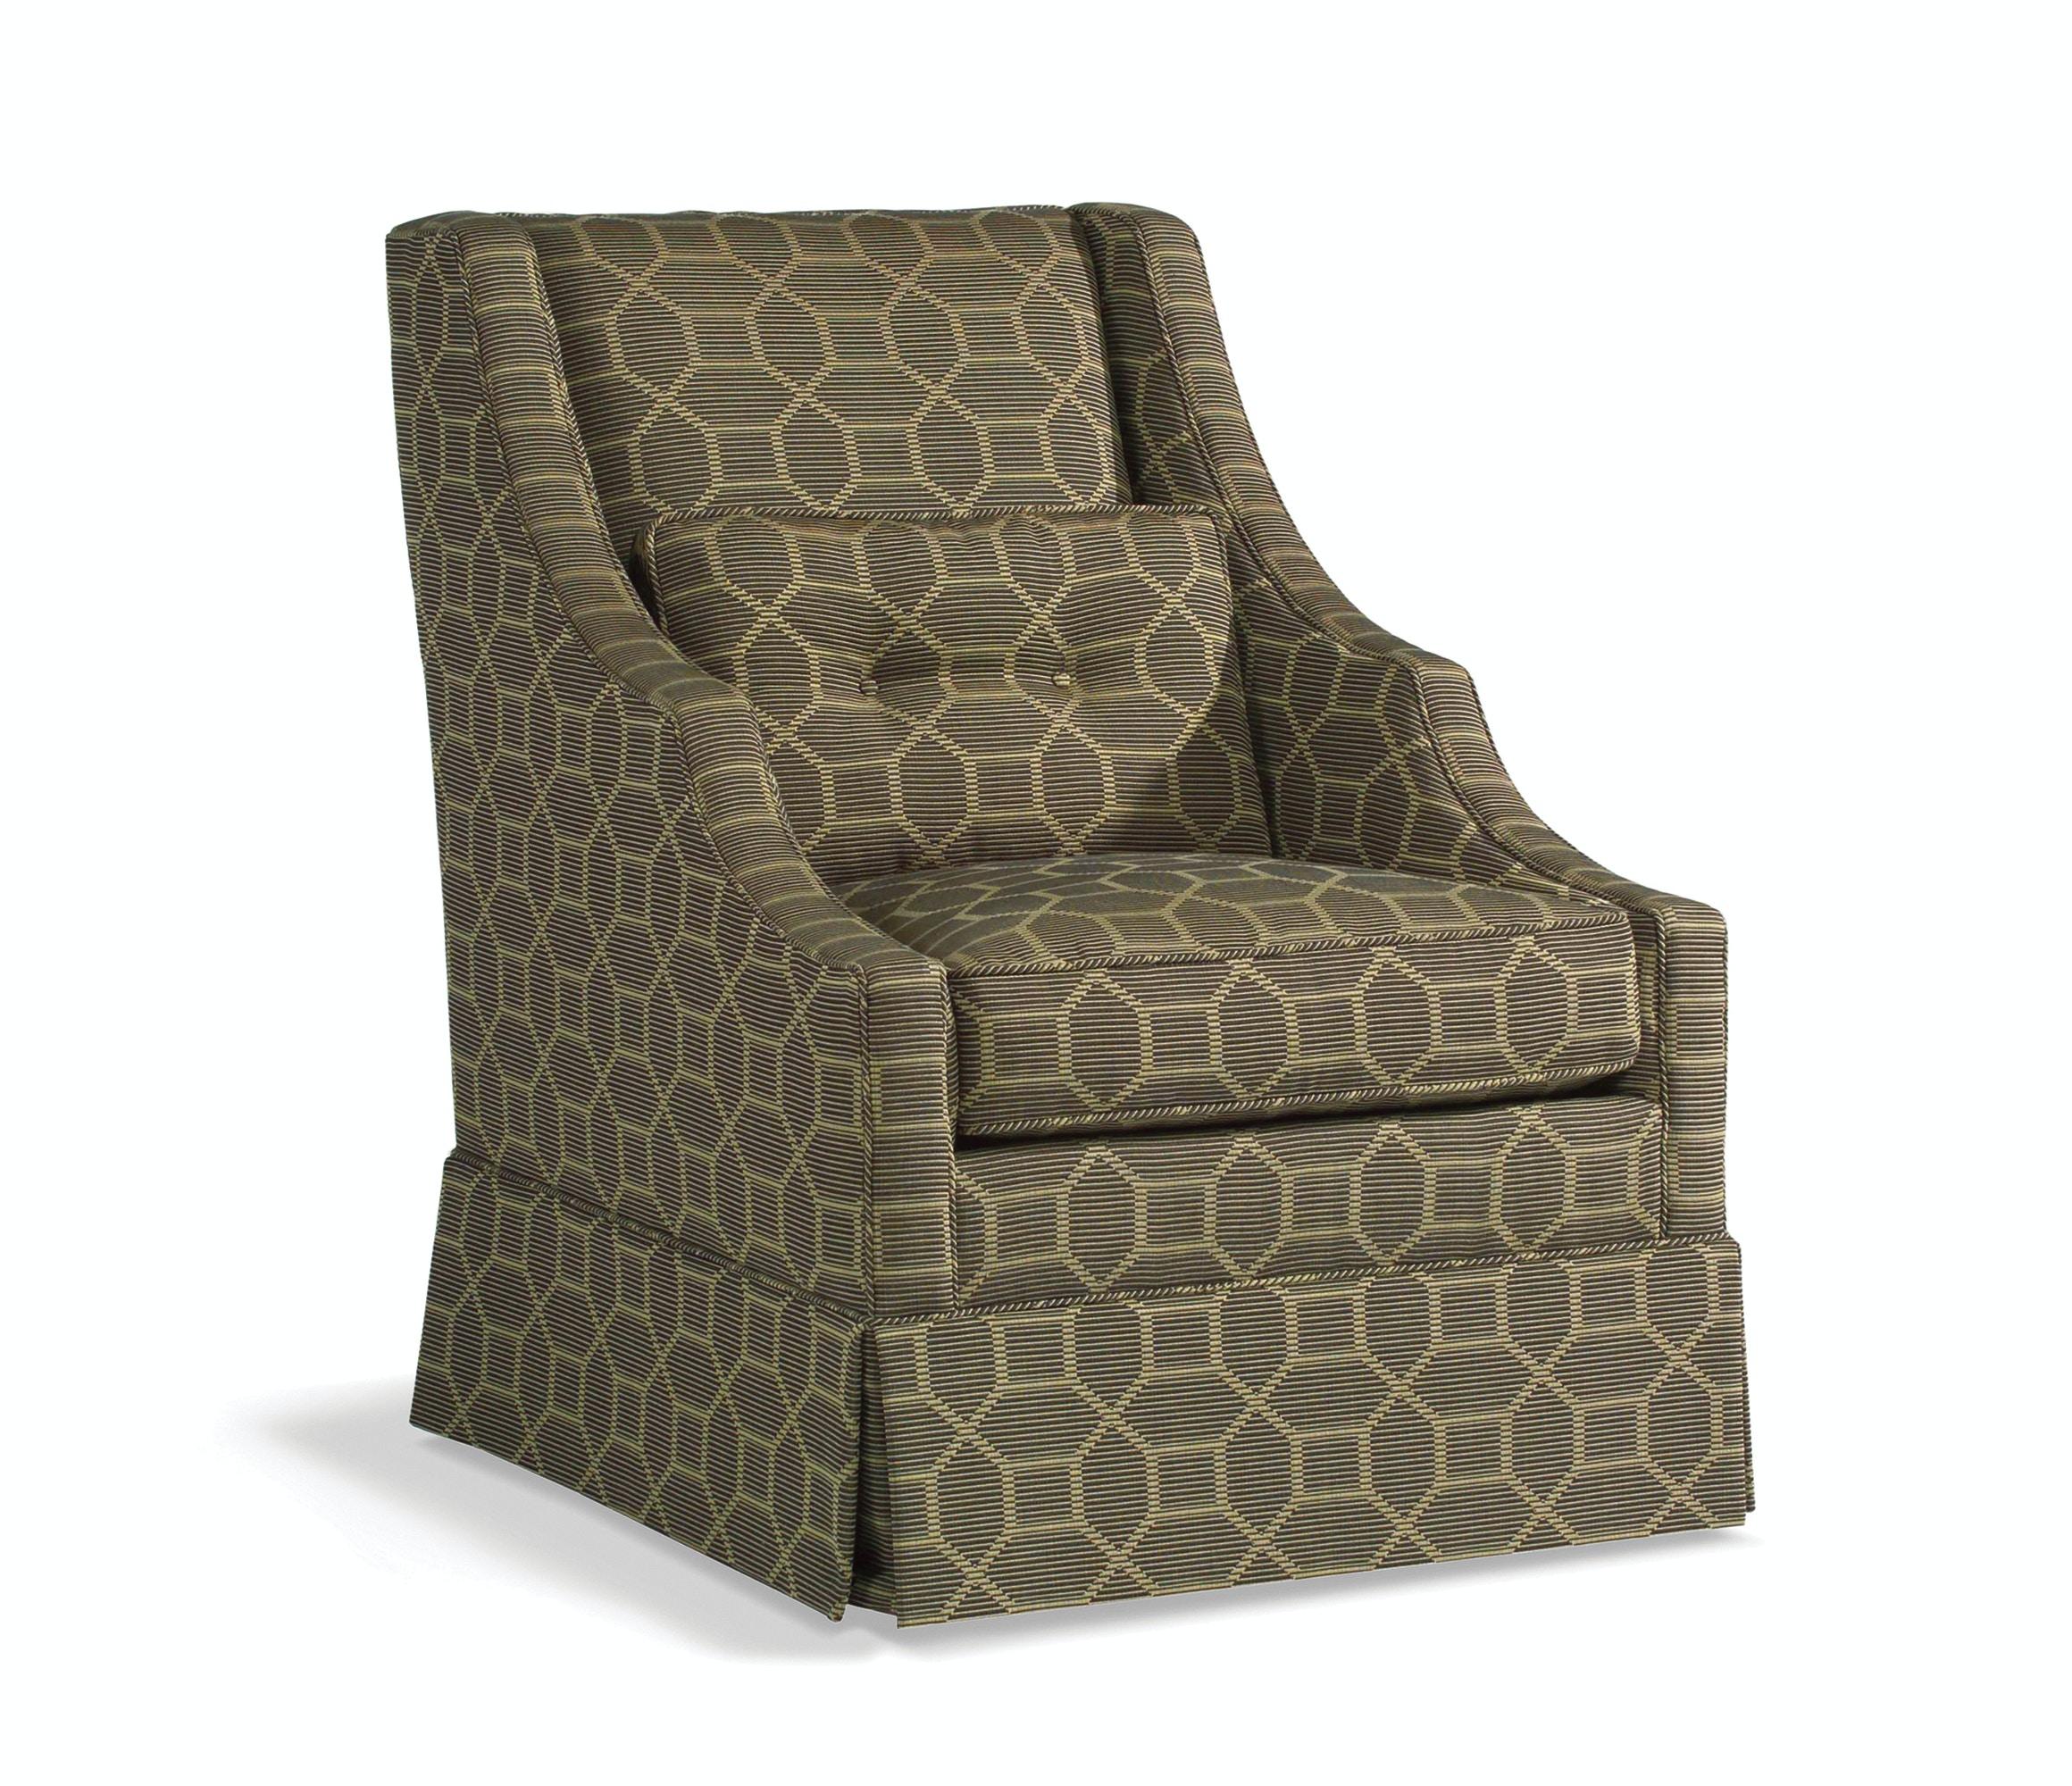 Taylor King Furniture Ariella Chair 1911 01